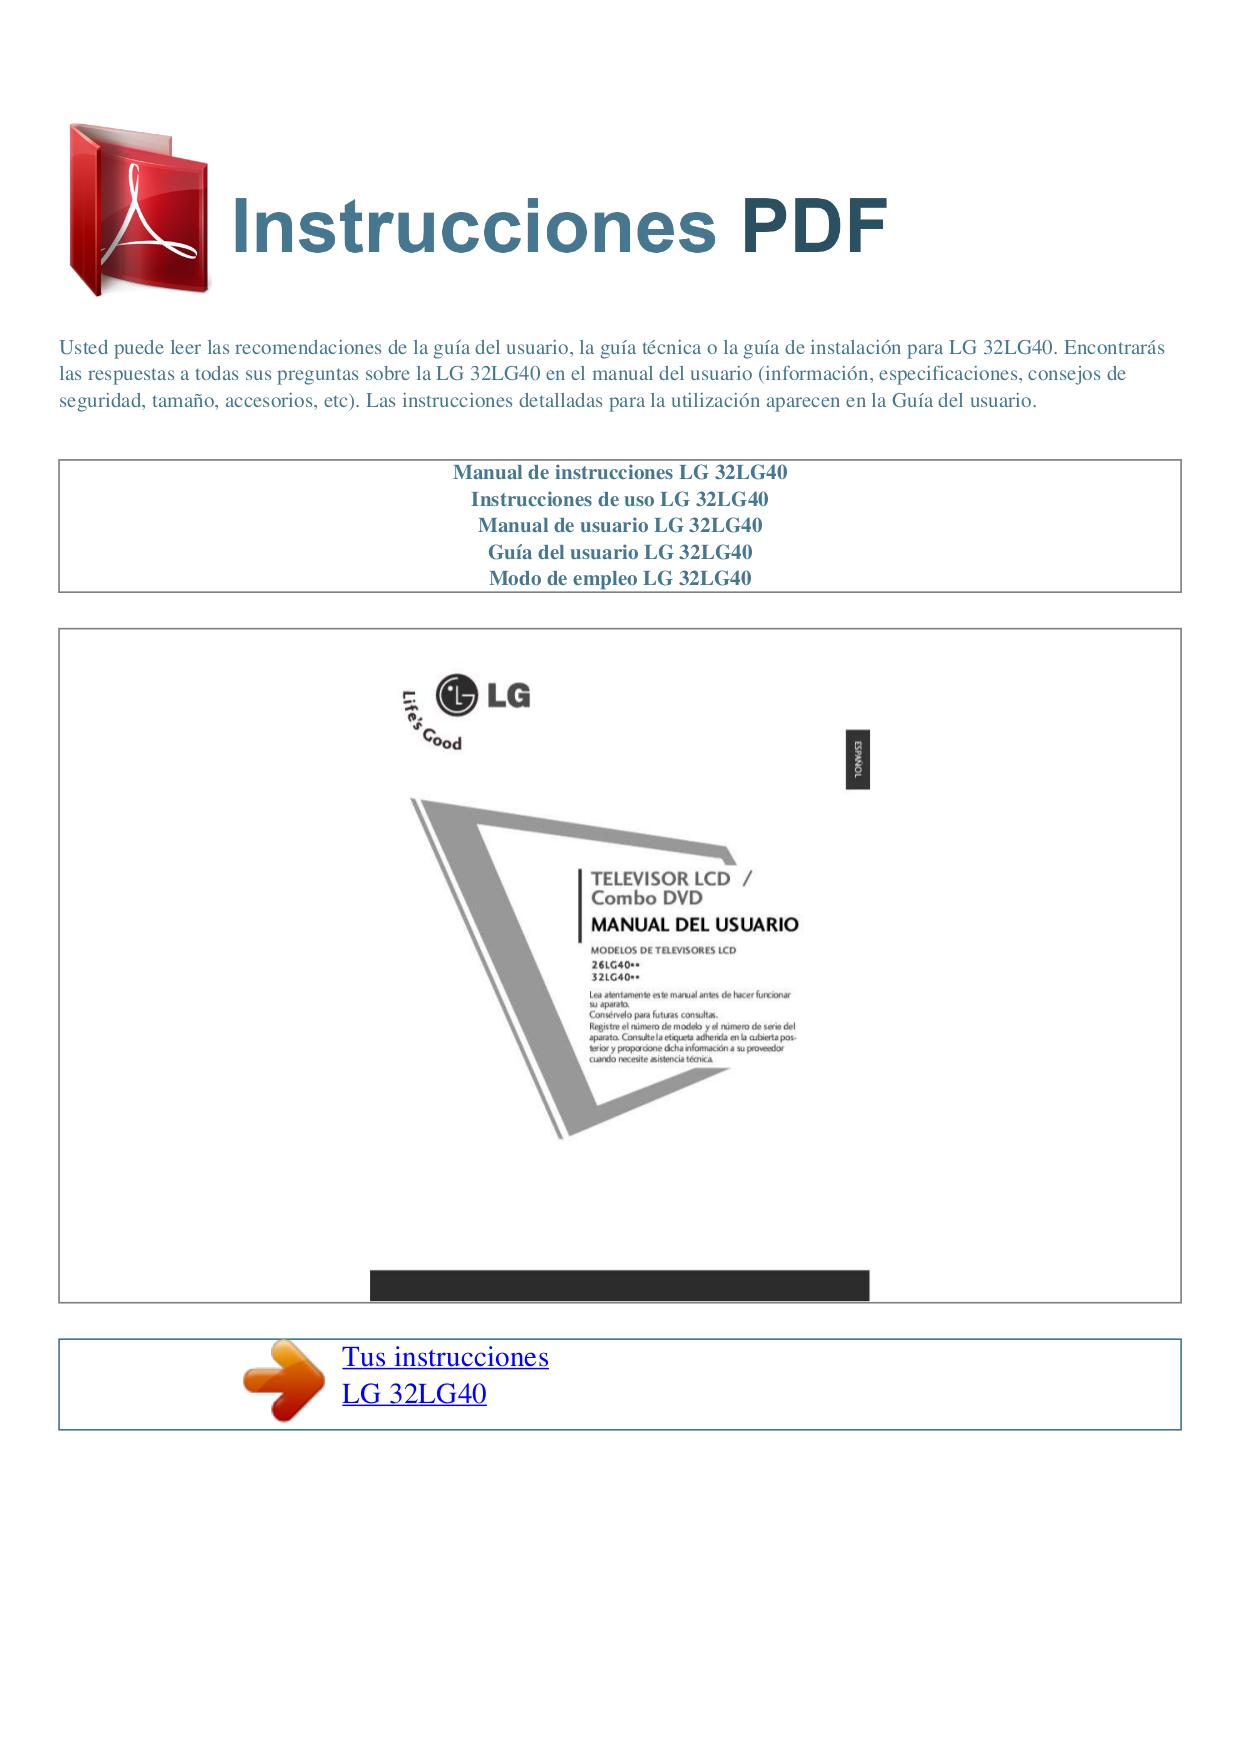 pdf for LG TV 32LG40 manual